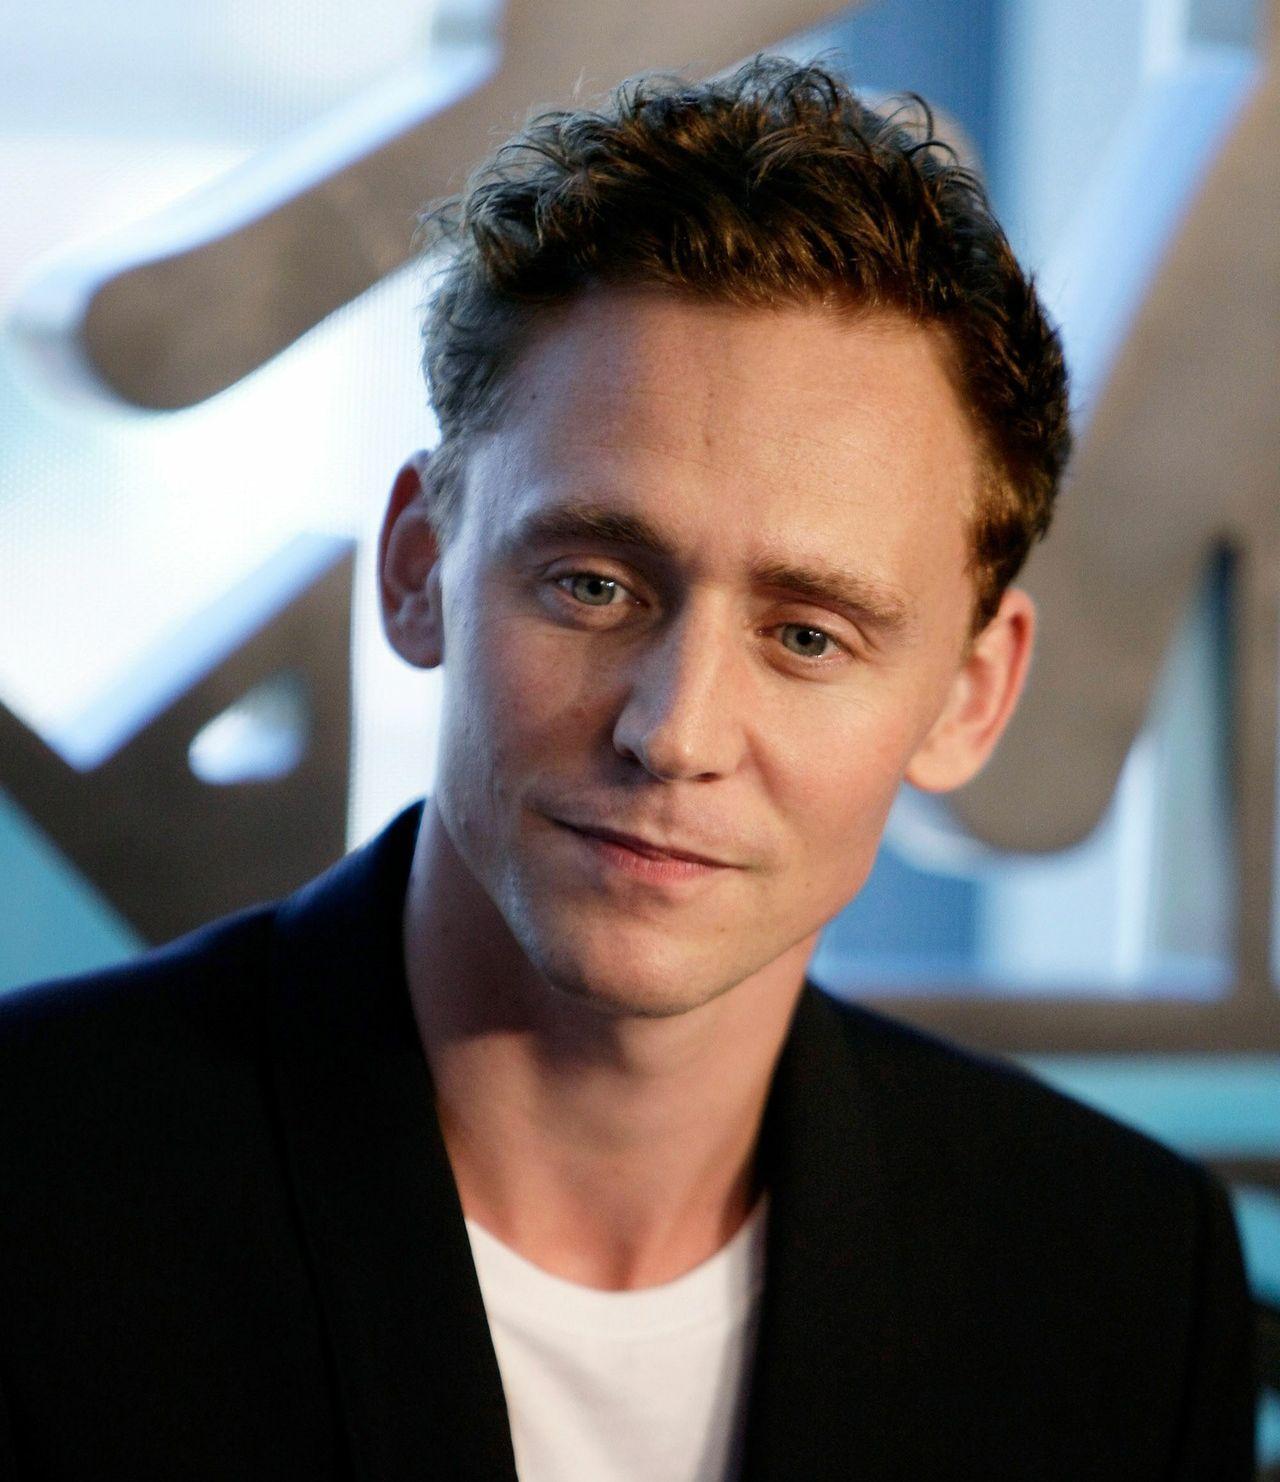 Tom Hiddleston via jshillingford.tumblr.com